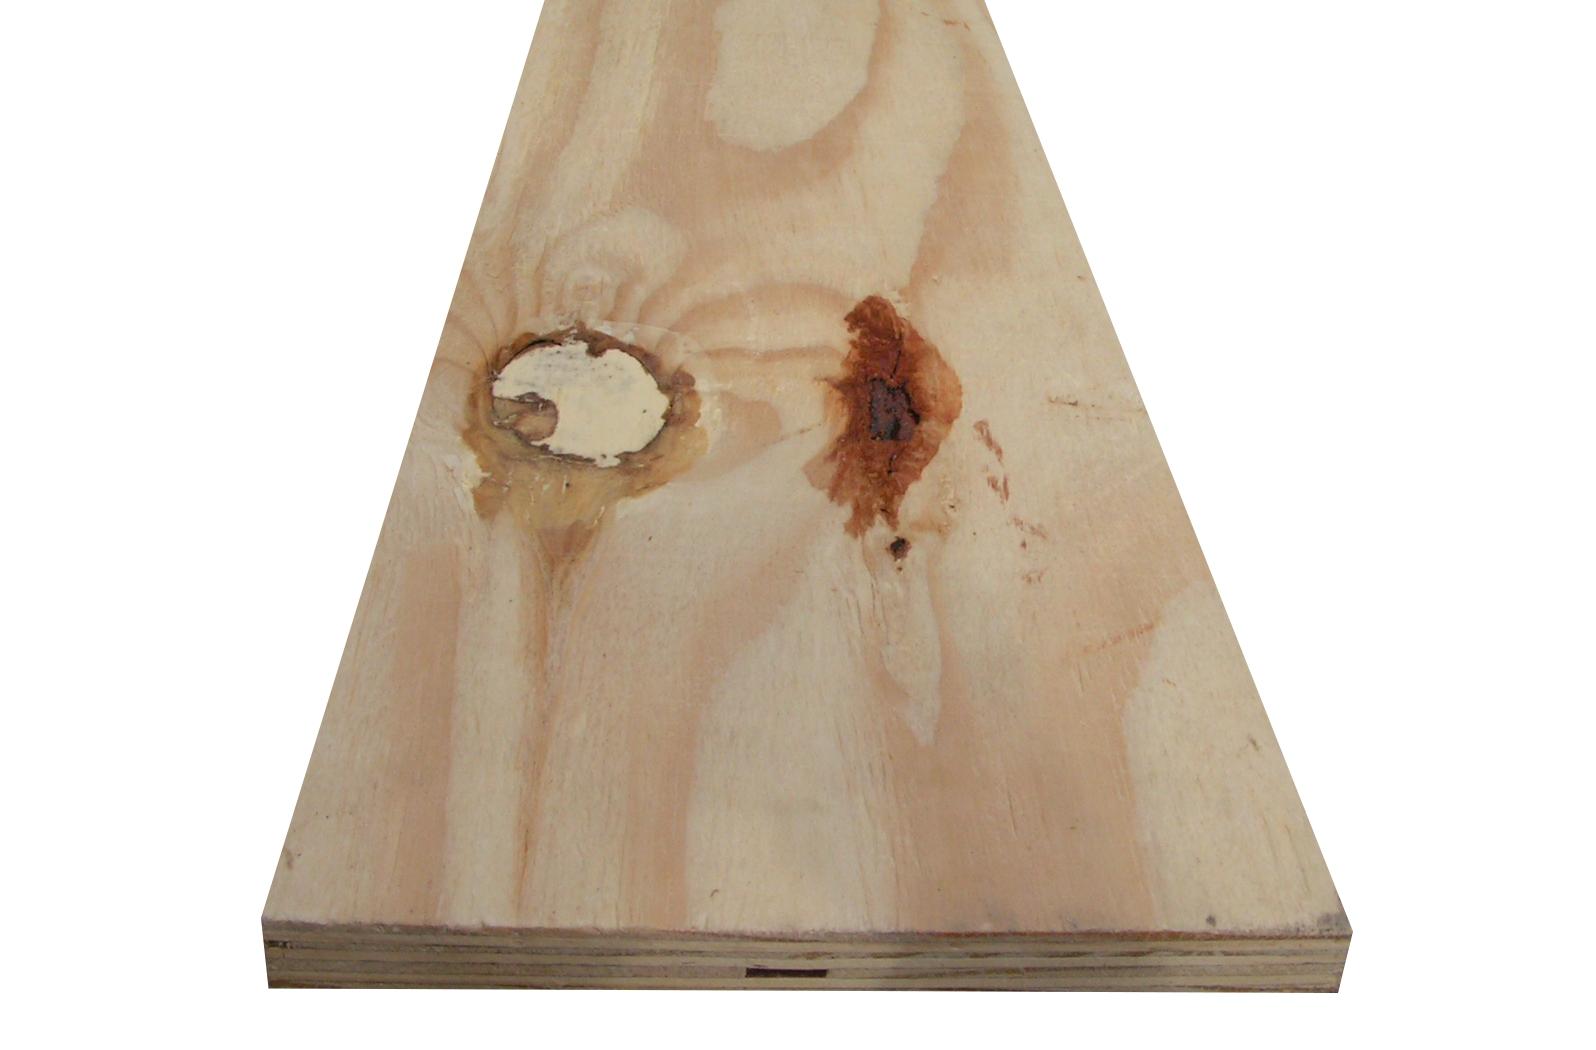 platten osb und sperrholz zum schalen schaltafel erfurtholz. Black Bedroom Furniture Sets. Home Design Ideas